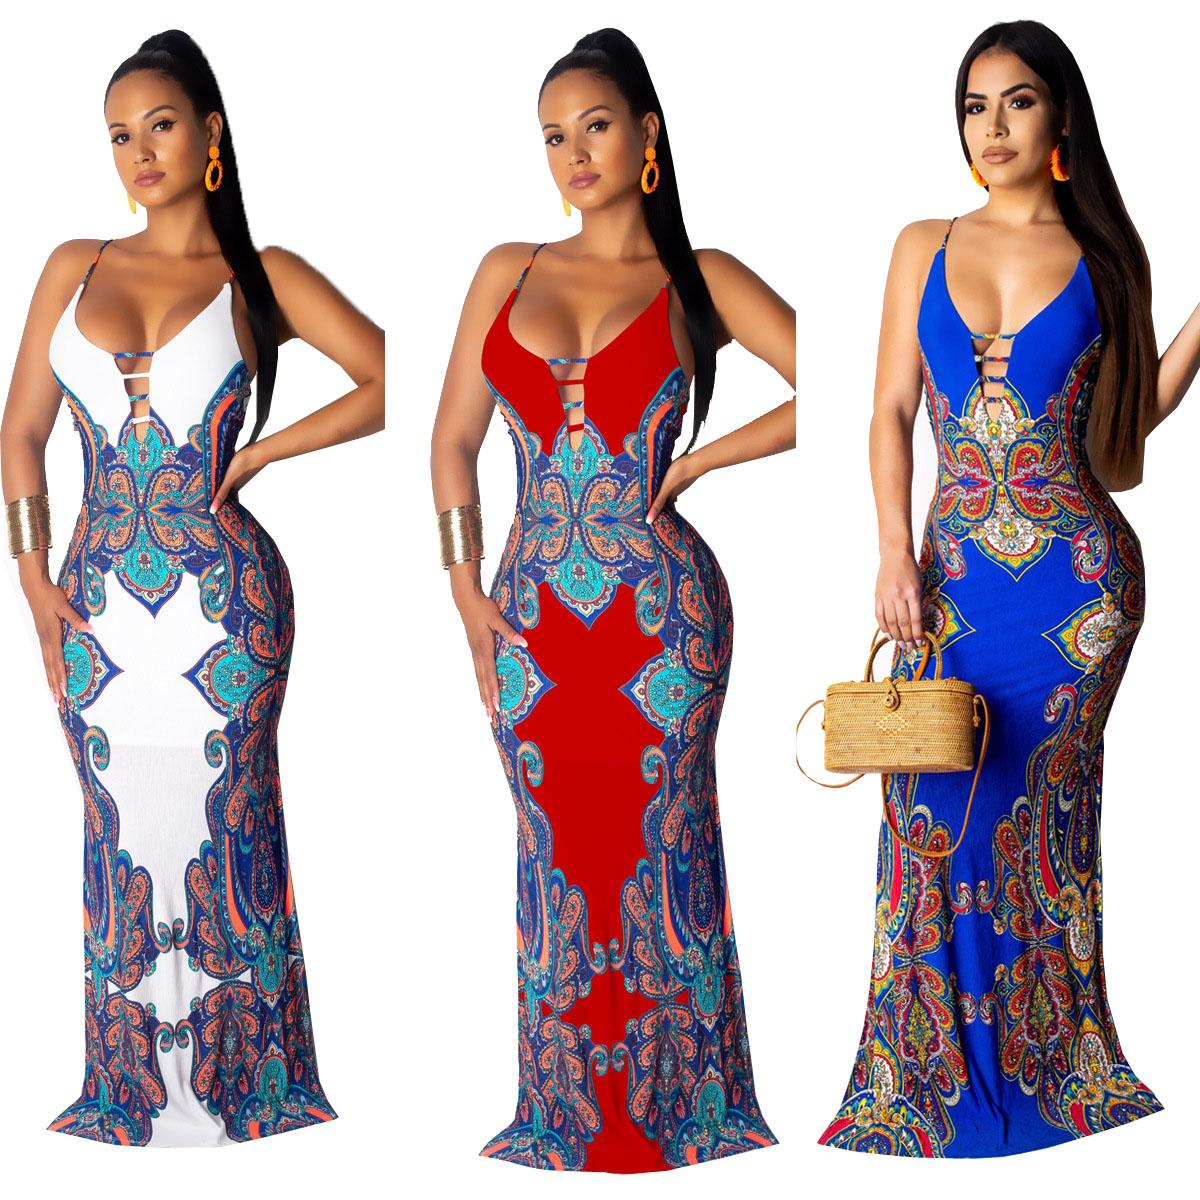 चित्रों के रूप में दिखाया बिना आस्तीन देवियों फैशन प्रिंट डिजाइन सेक्सी dashiki कपड़े kitenge मैक्सी पोशाक के लिए अफ्रीकी महिलाओं